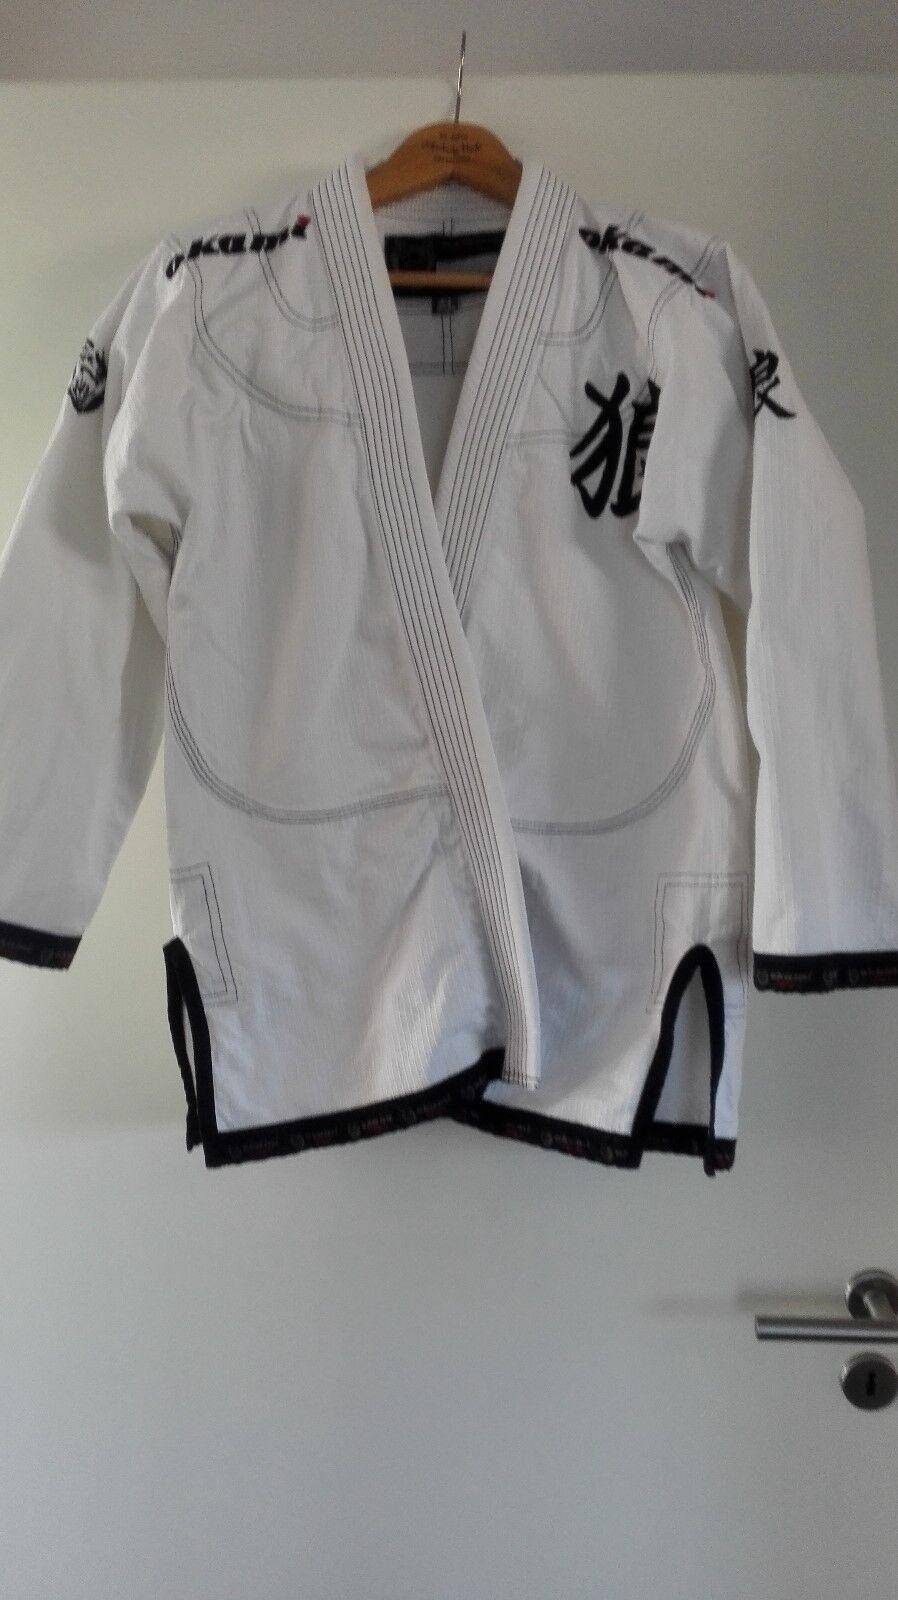 Okami Fightgear    Gi - Jiu Jitsu  Anzug Kimono weiß Herren Größe A3 - neuwertig e21b29